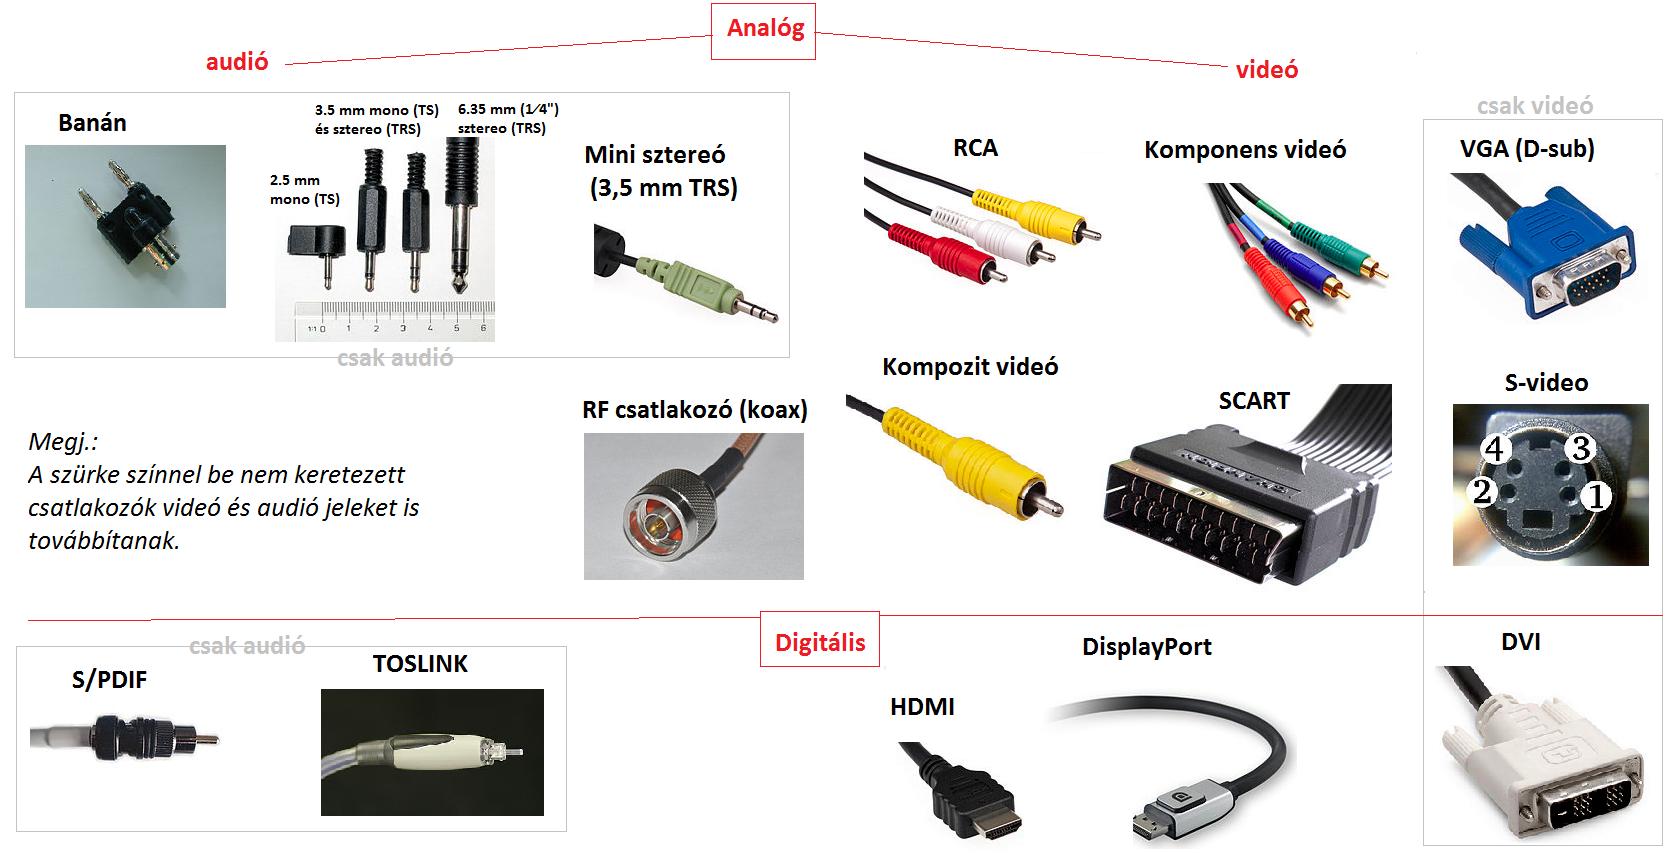 Országlista (hálózati feszültség, frekvencia, csatlakozó-típusok)[szerkesztés].